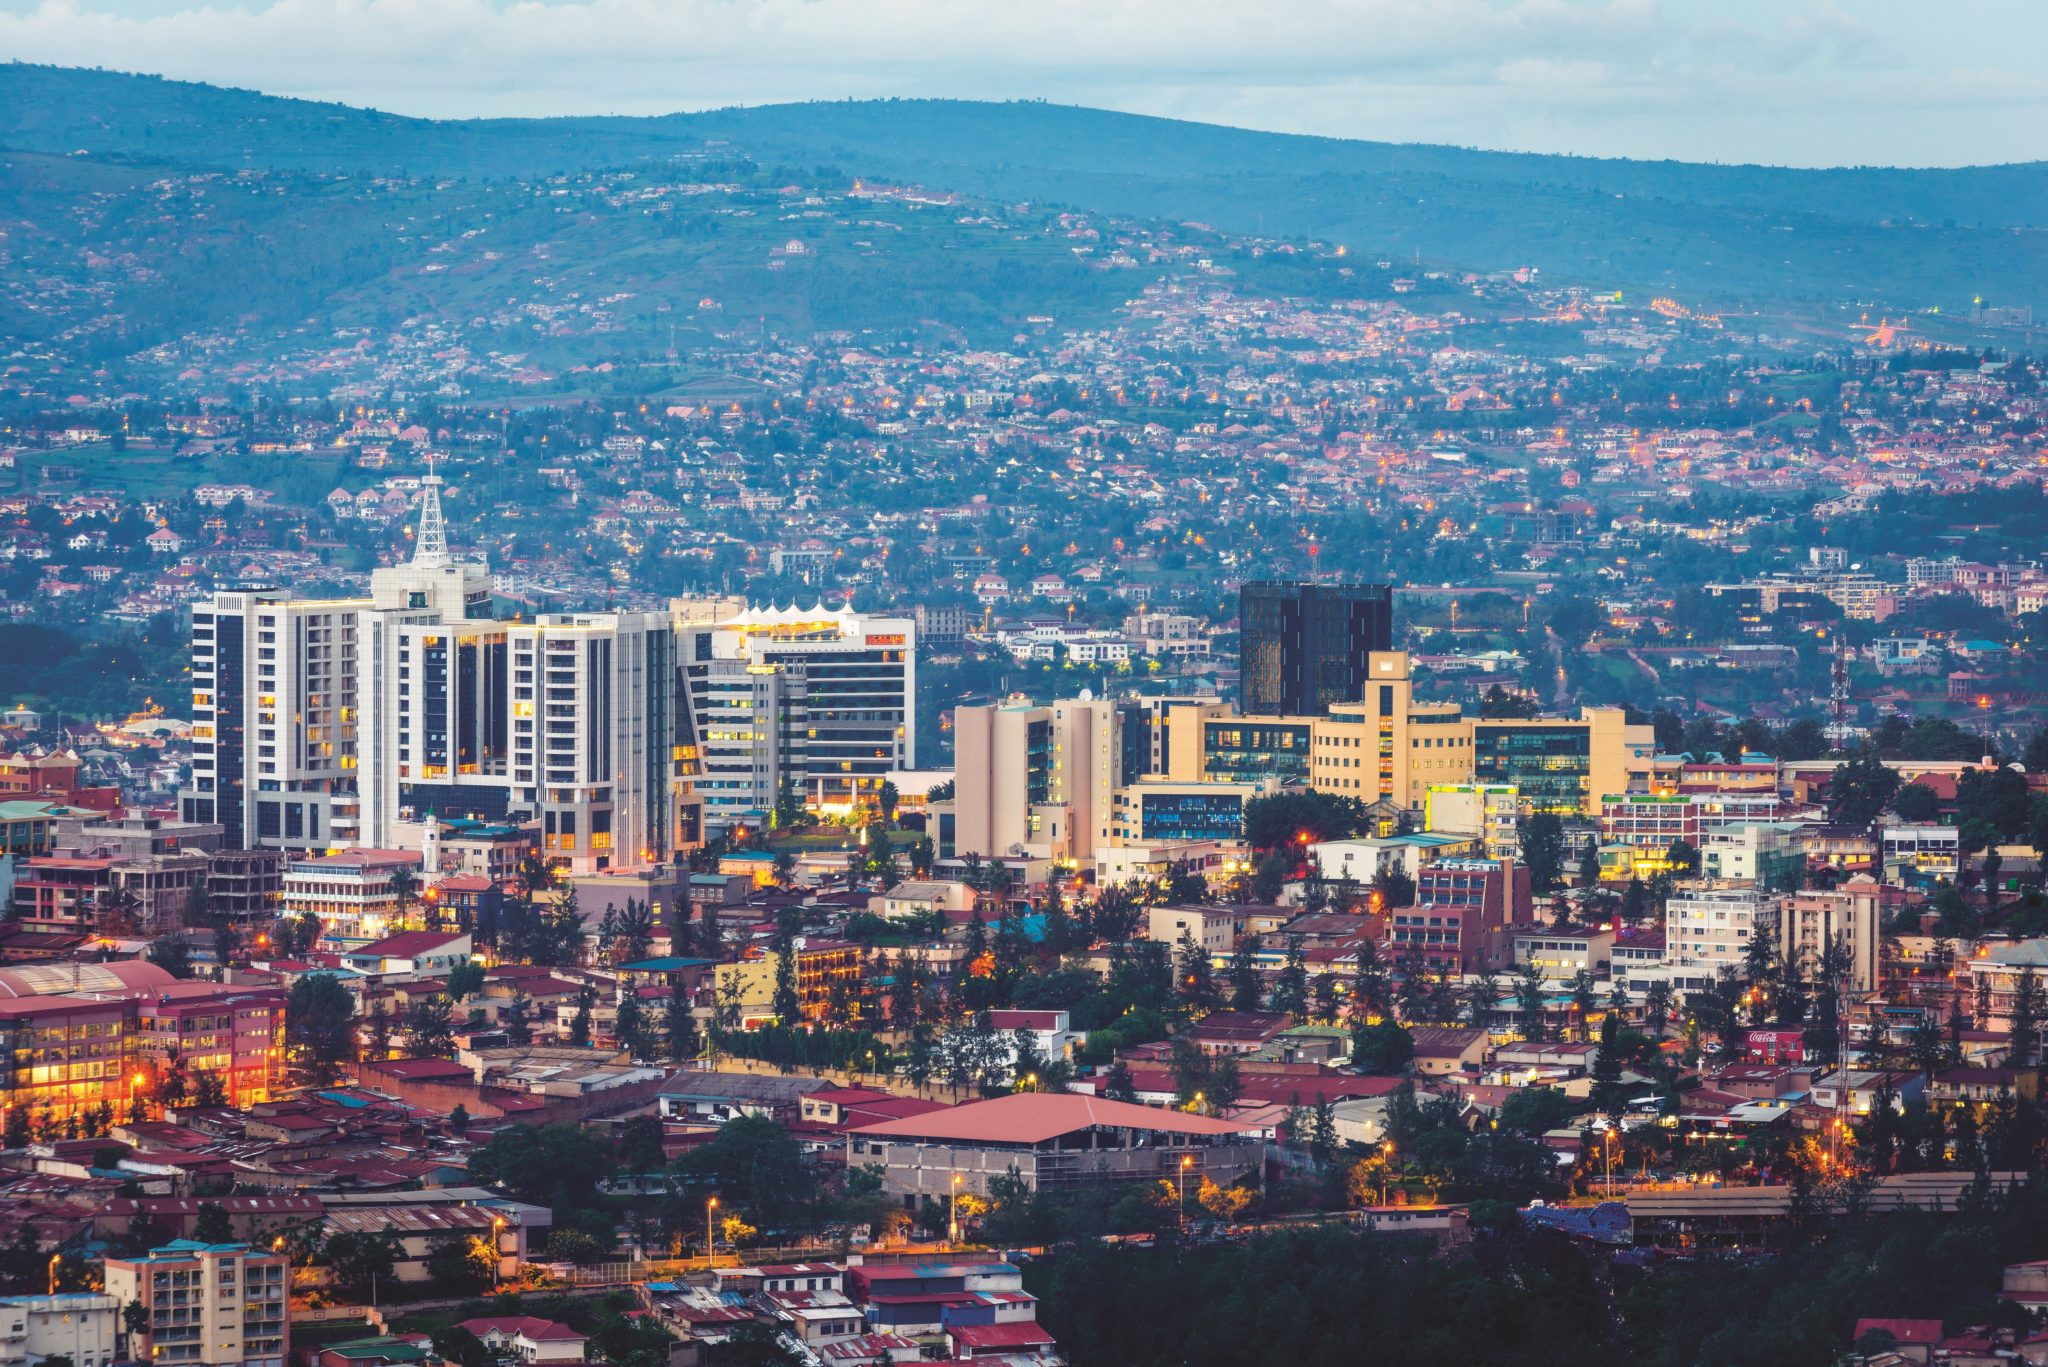 Kigali city view from Nyarugenge